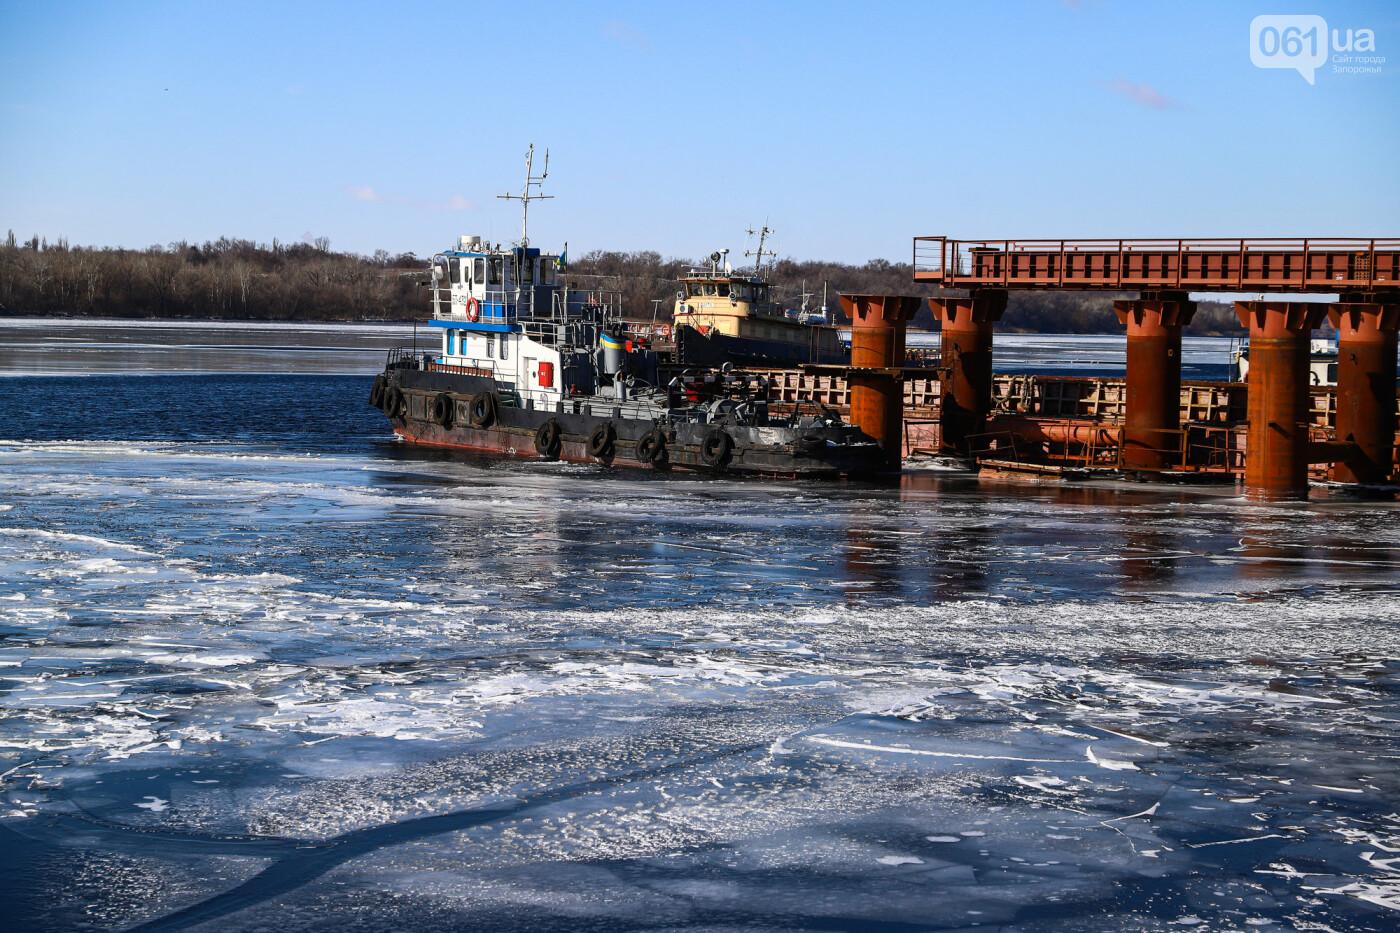 Кран с иностранной пропиской, ванты и металл: строительство запорожских мостов в фотографиях, фото-16